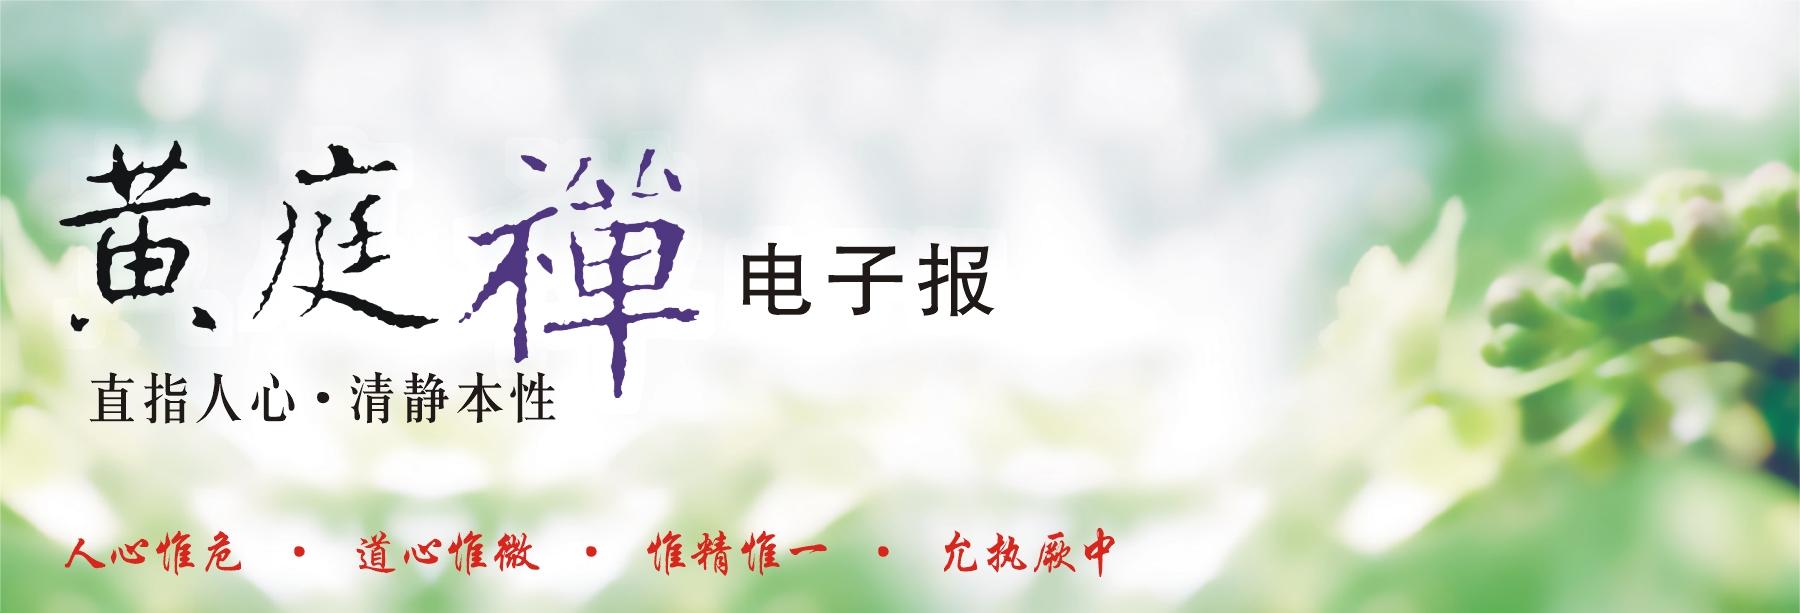 中华黄庭禅学会2015.08.01电子报